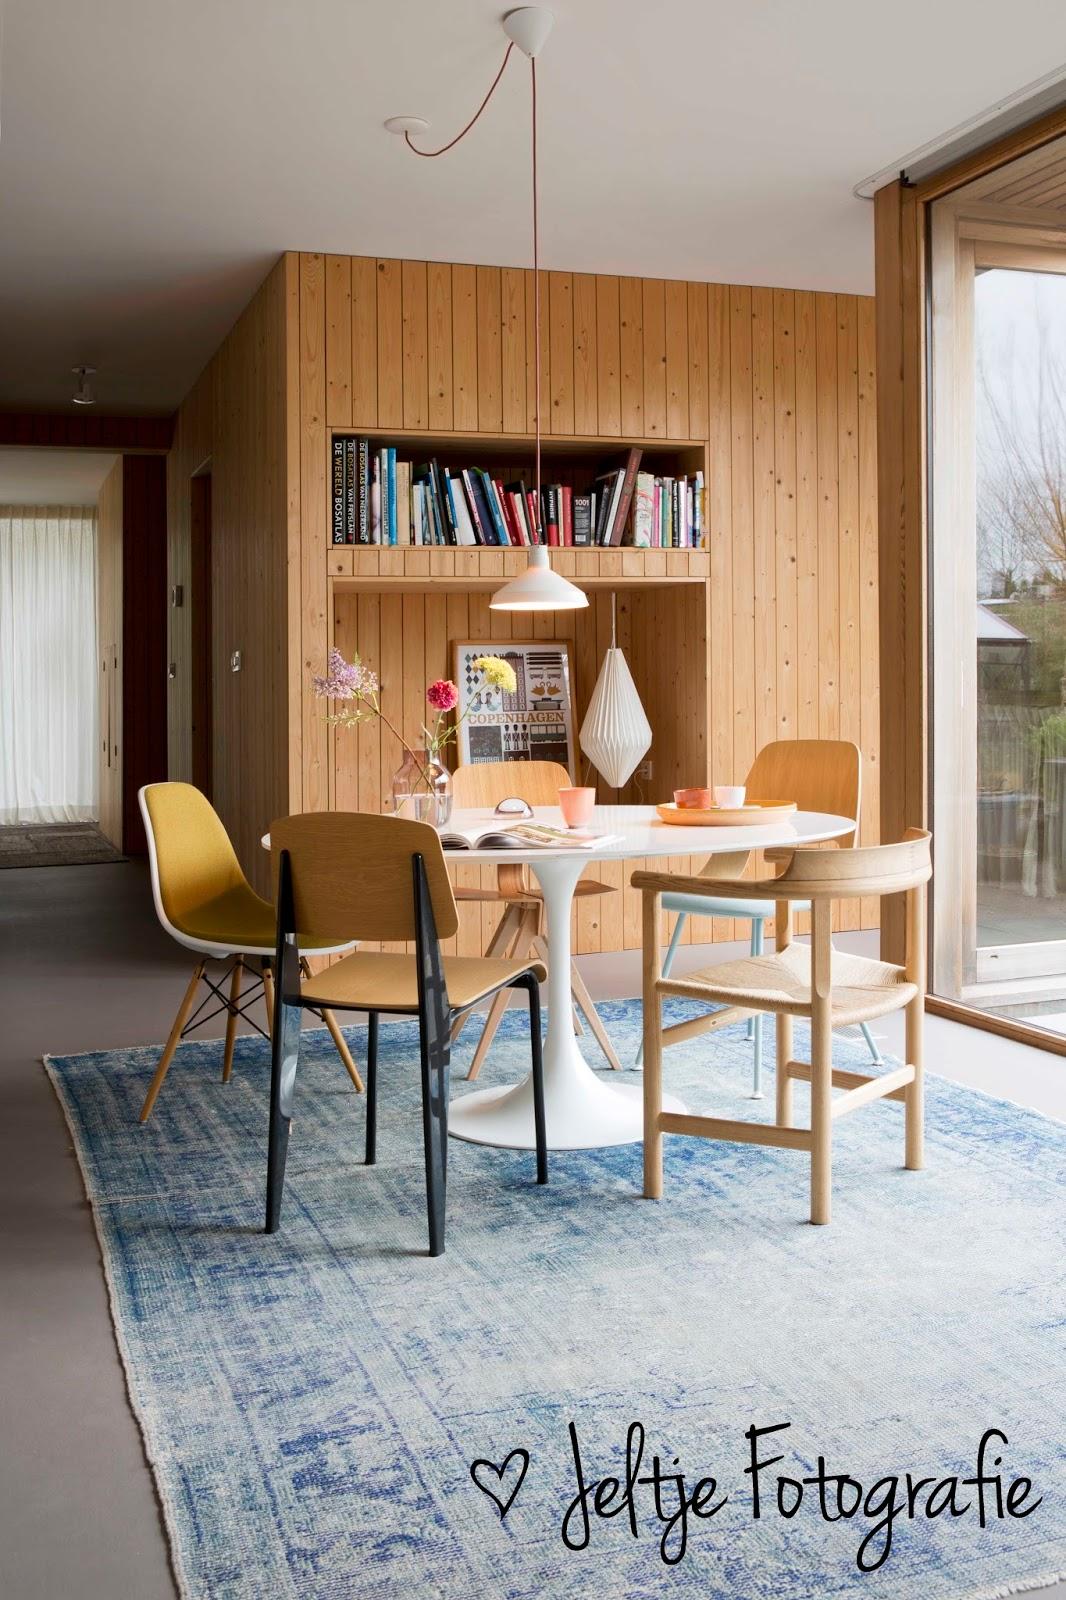 jeltje fotografie creative home slowwood. Black Bedroom Furniture Sets. Home Design Ideas